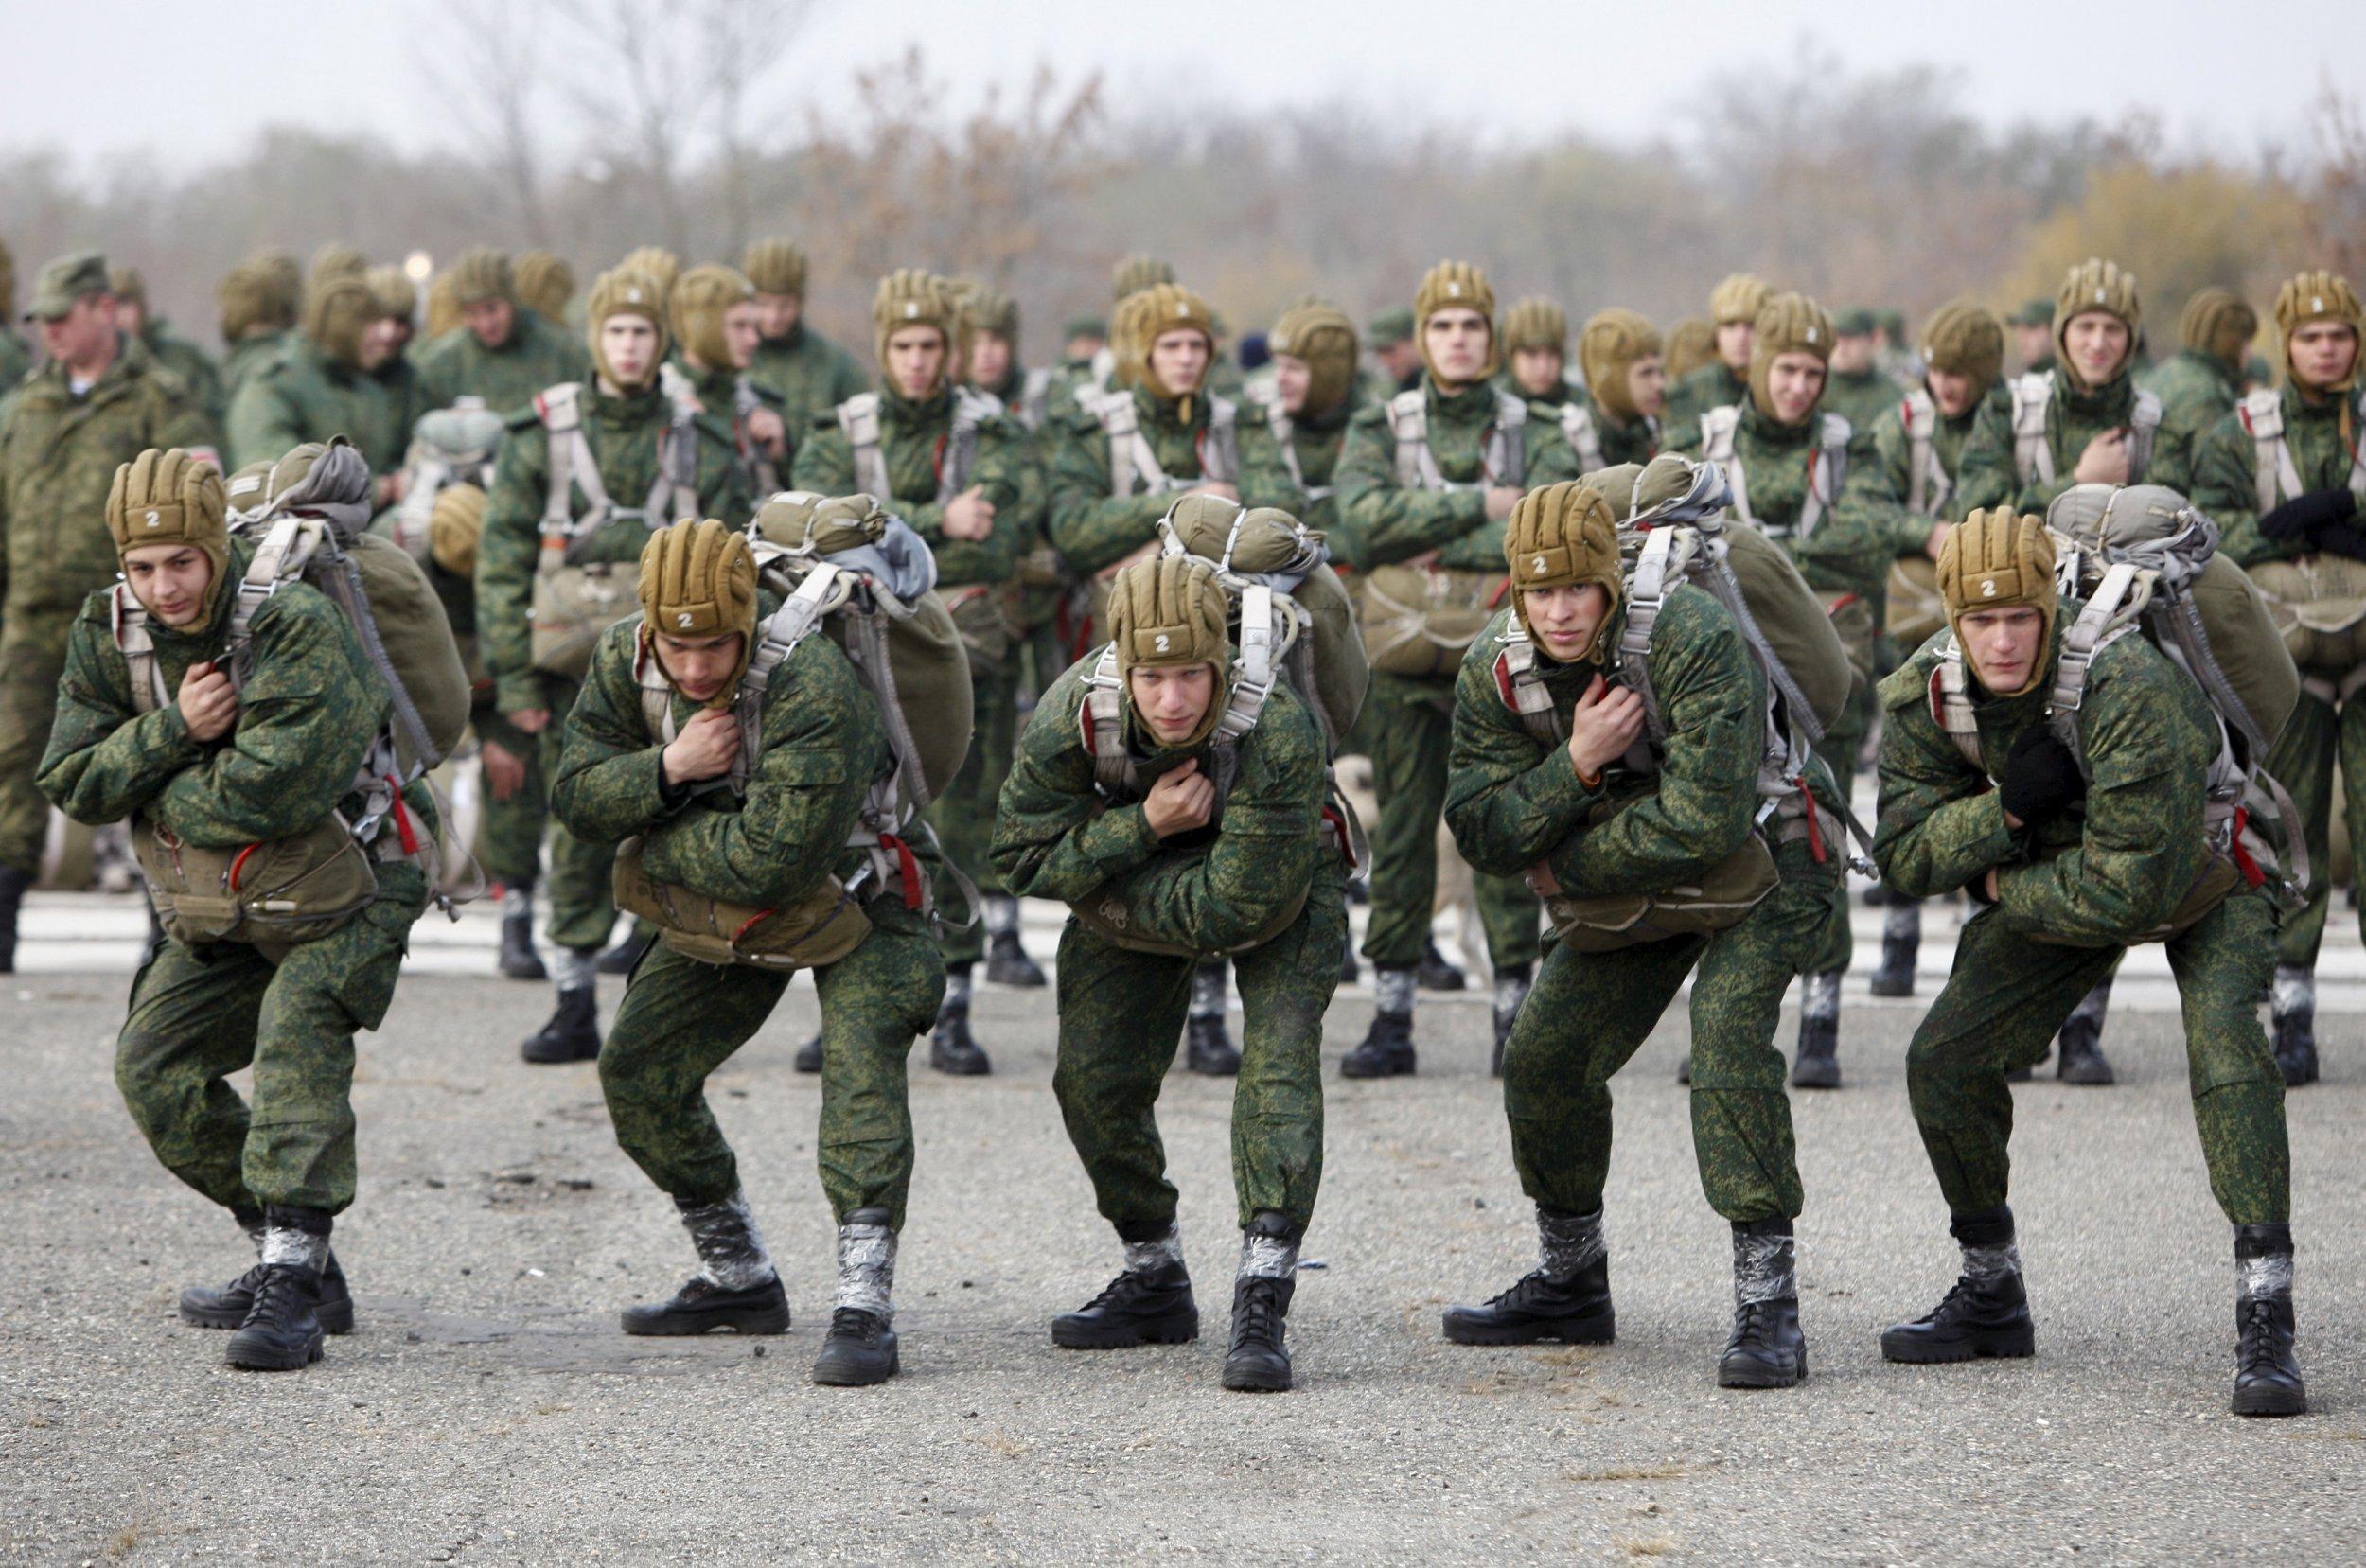 Paratrooper cadets